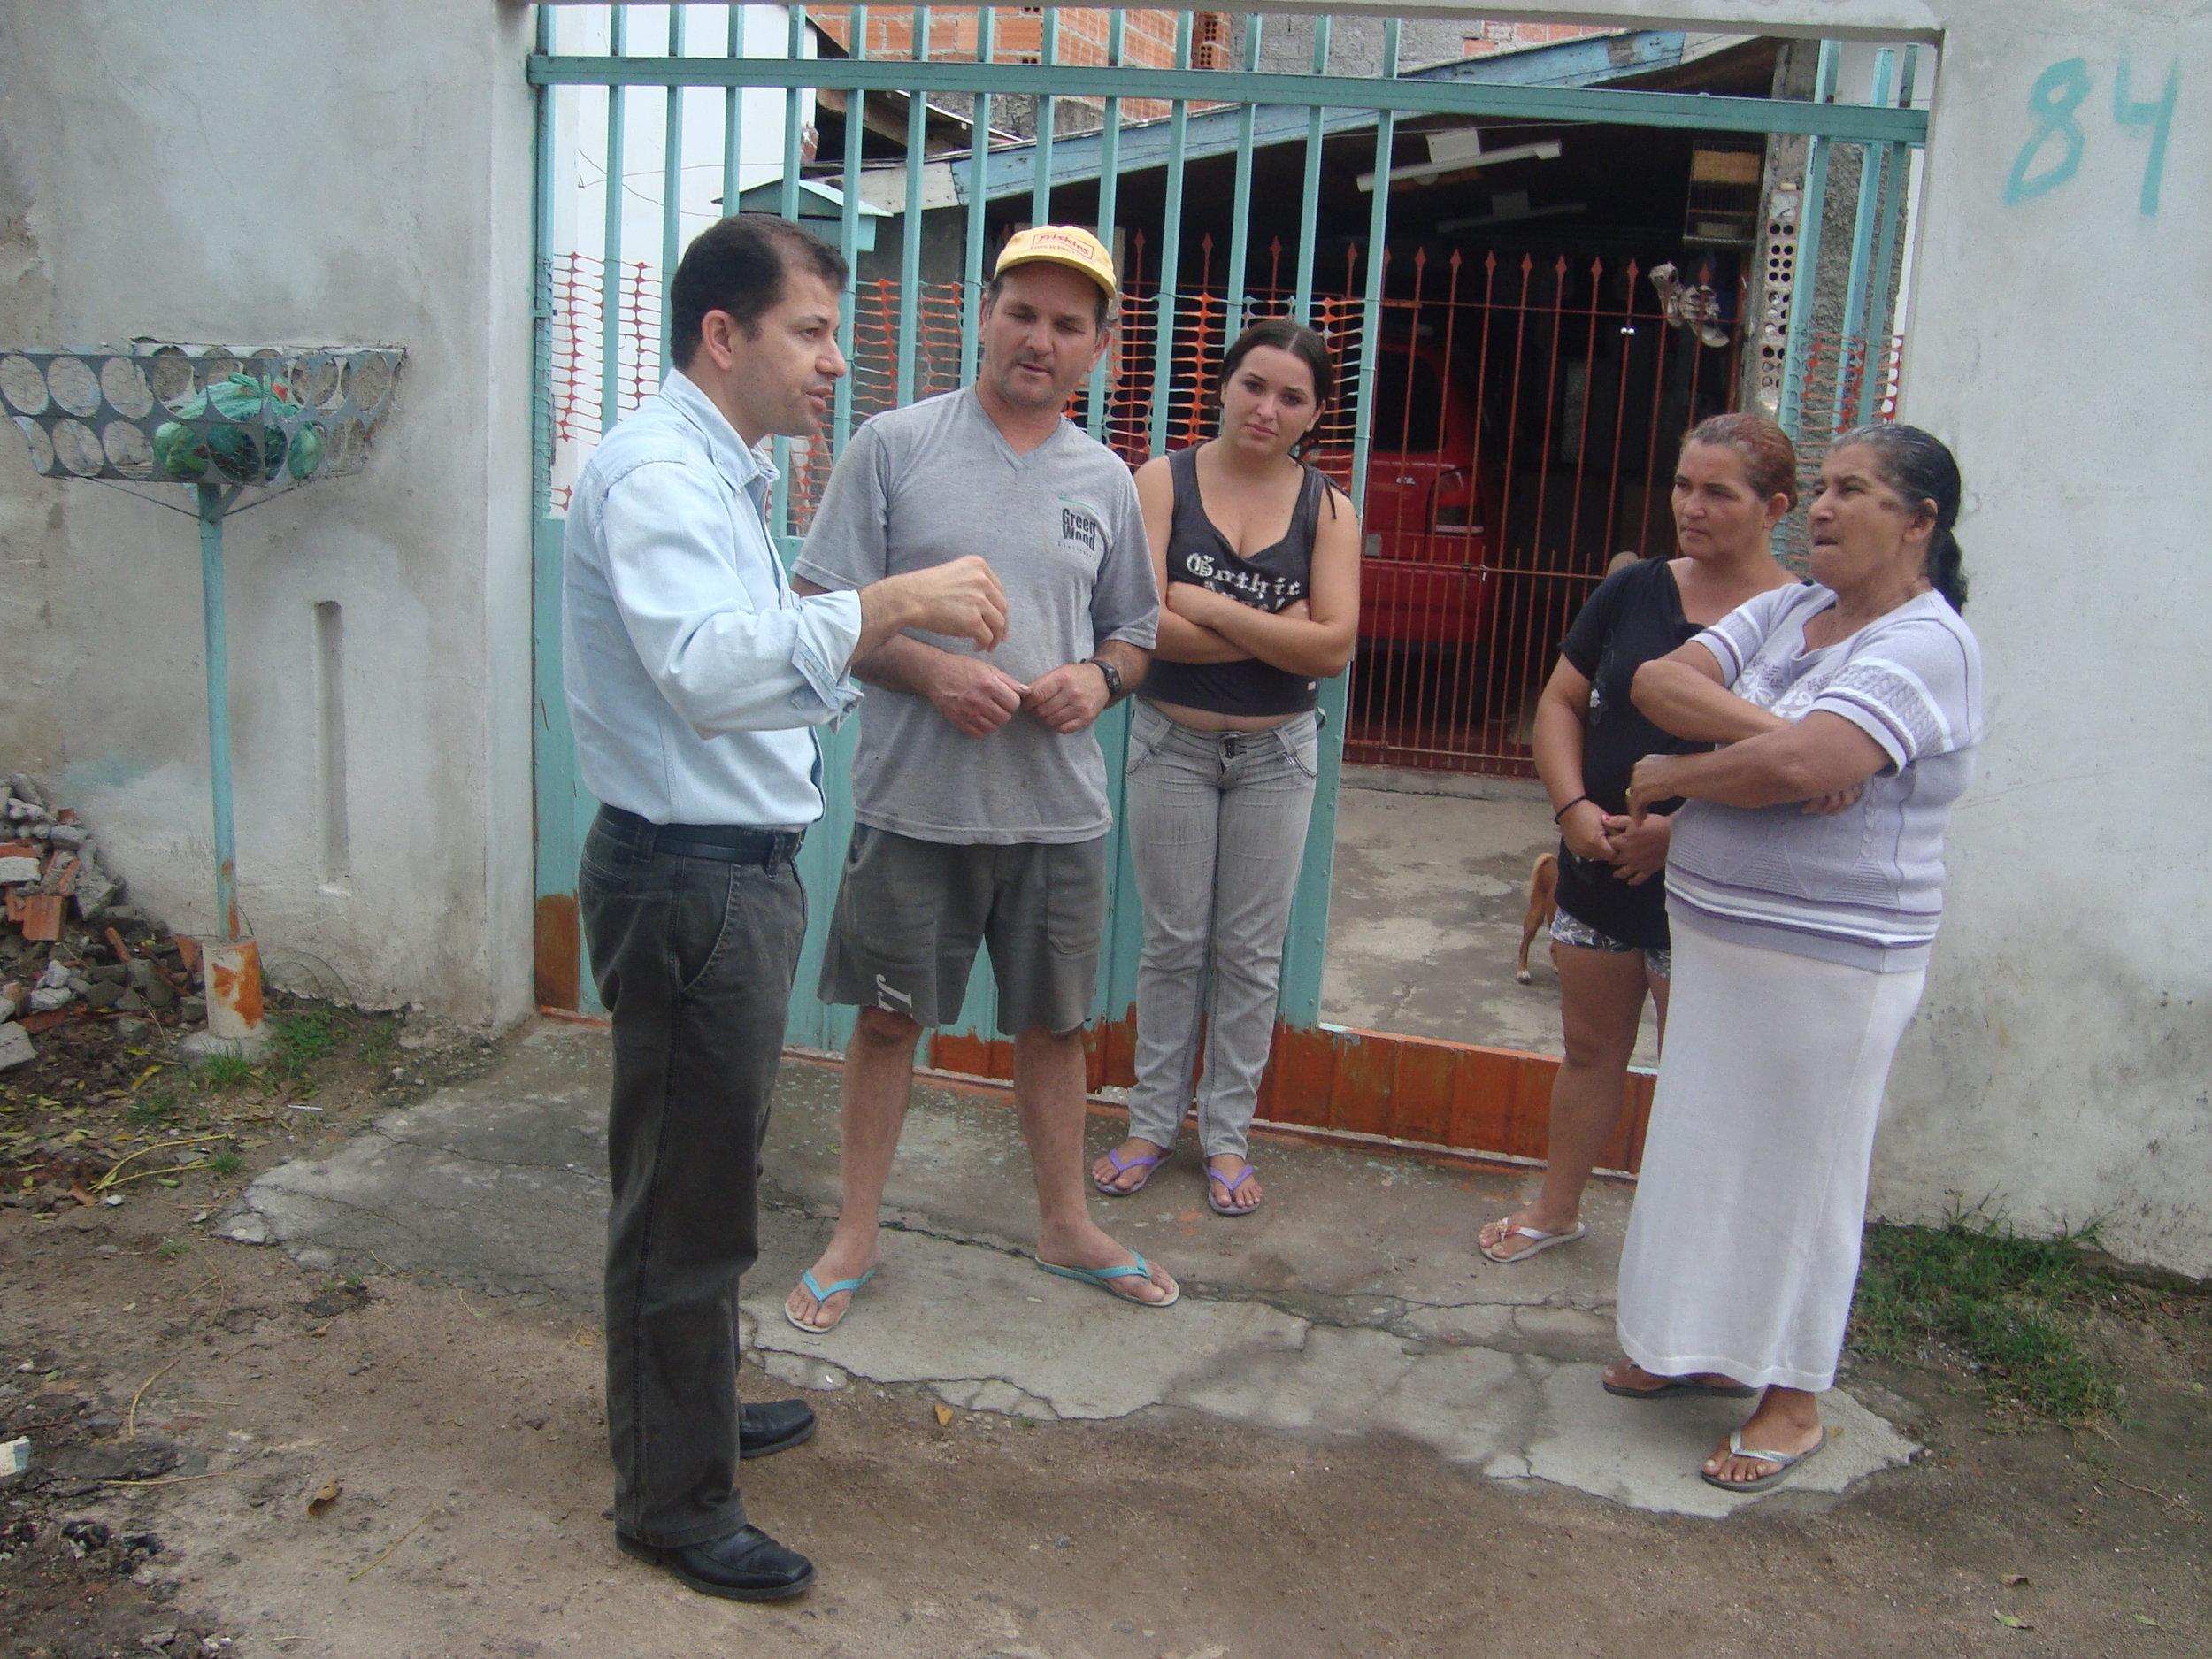 David Affonso Kreitlow - conversa com moradores.JPG